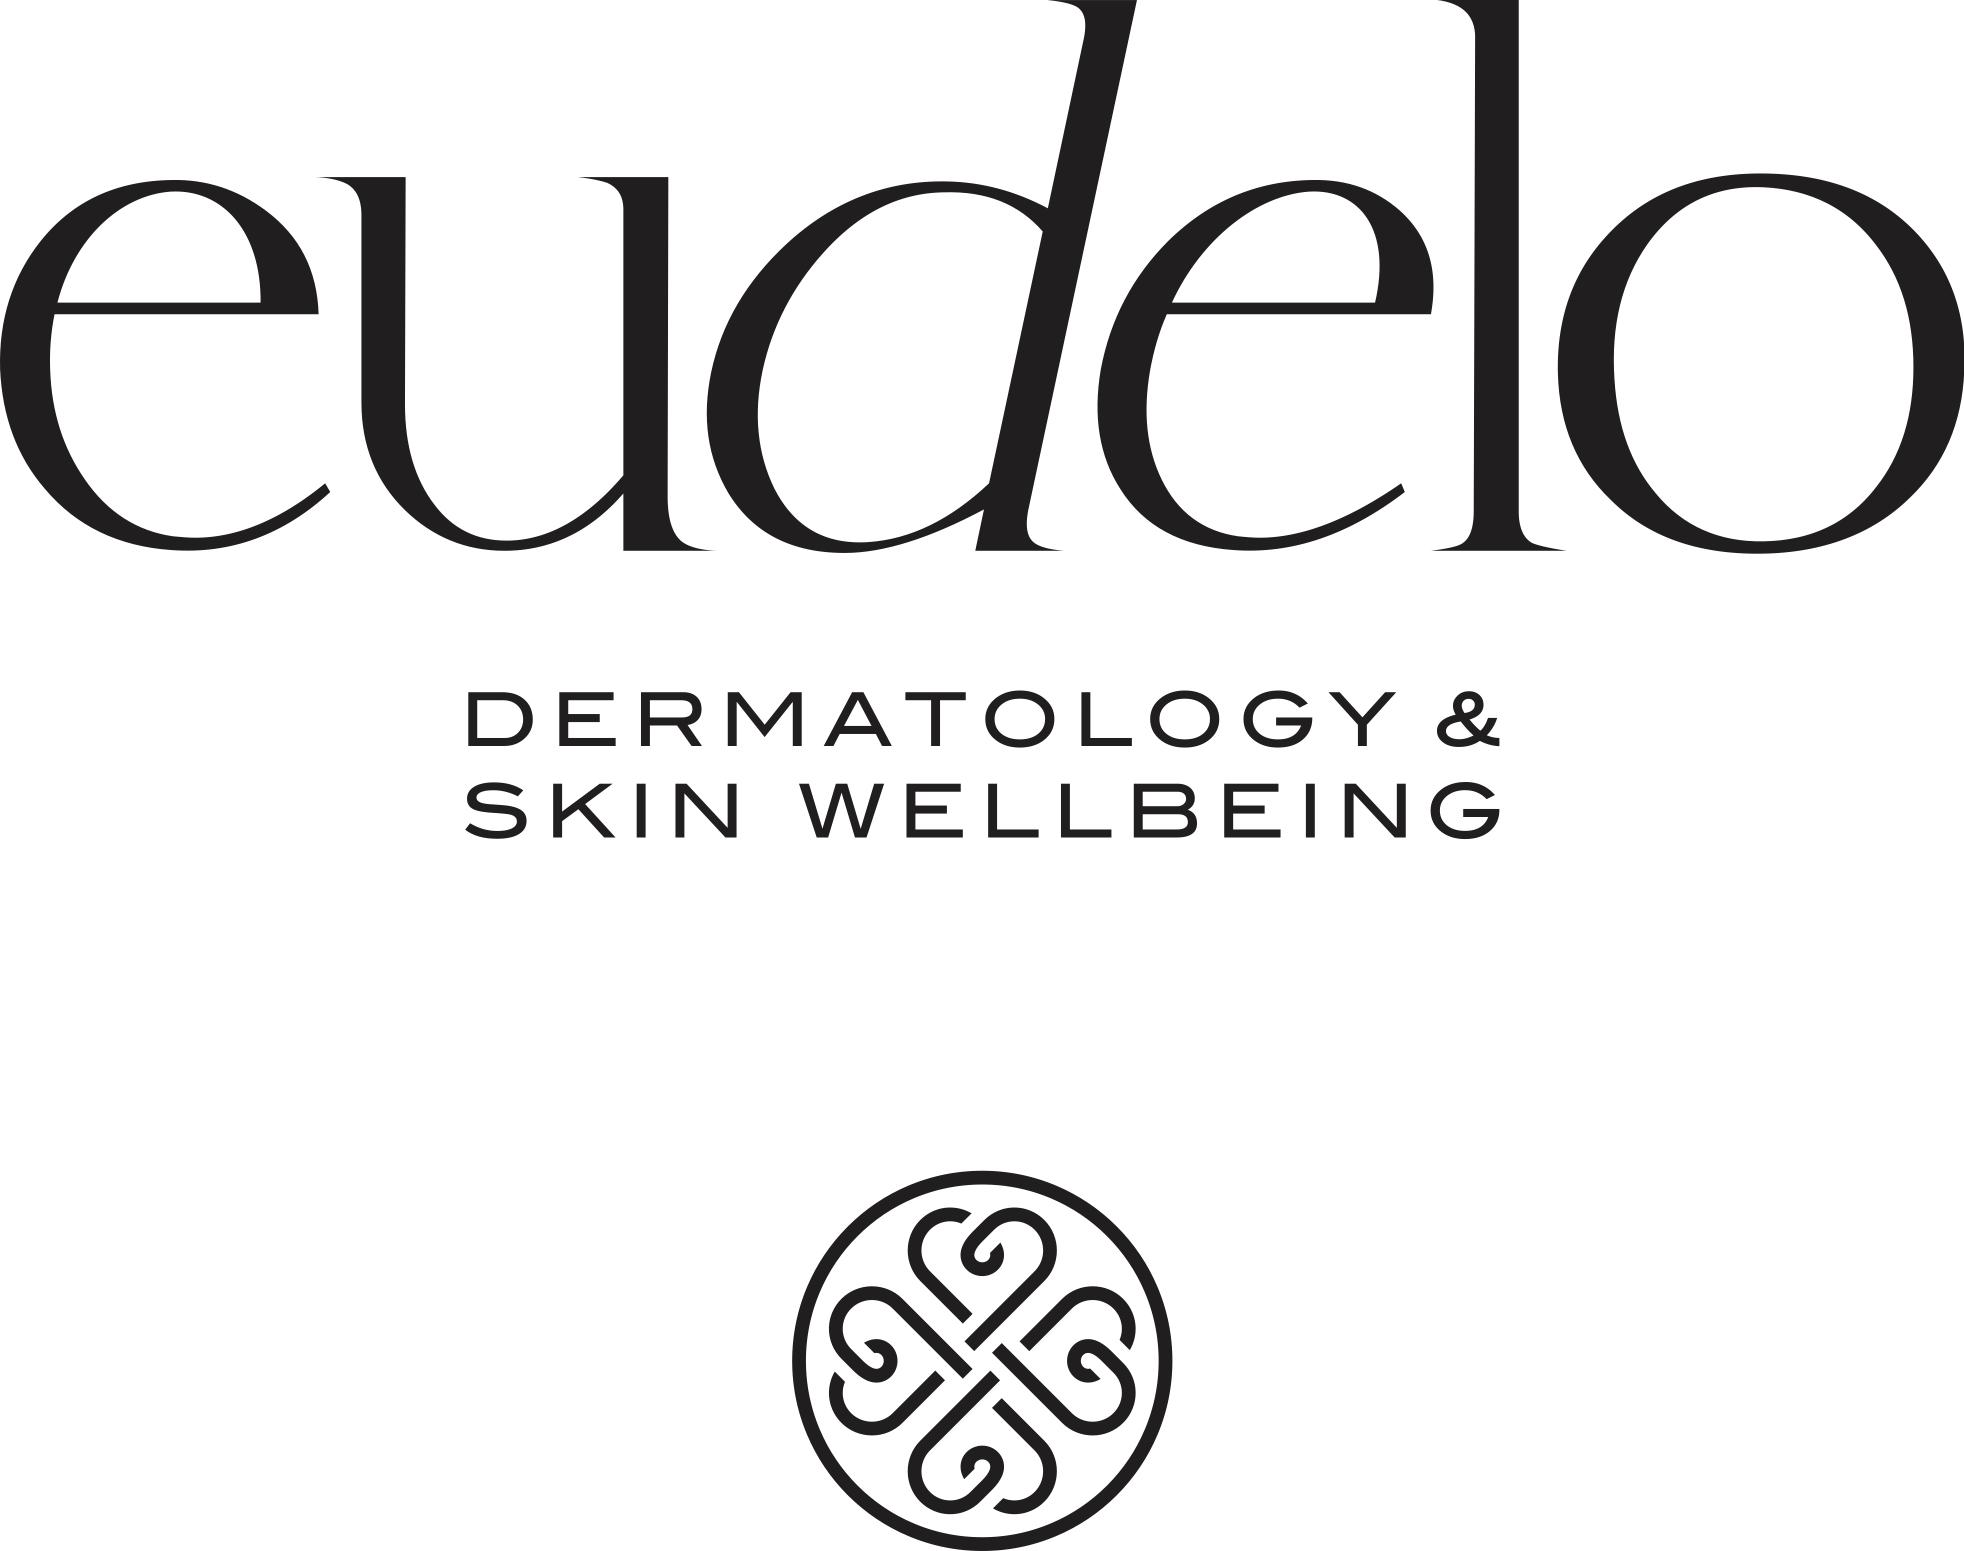 Eudelo - Dermatology & Skin Wellbeing - 63 Bondway, Vauxhall. London SW8 5SJ+44 (0) 207 118 9500